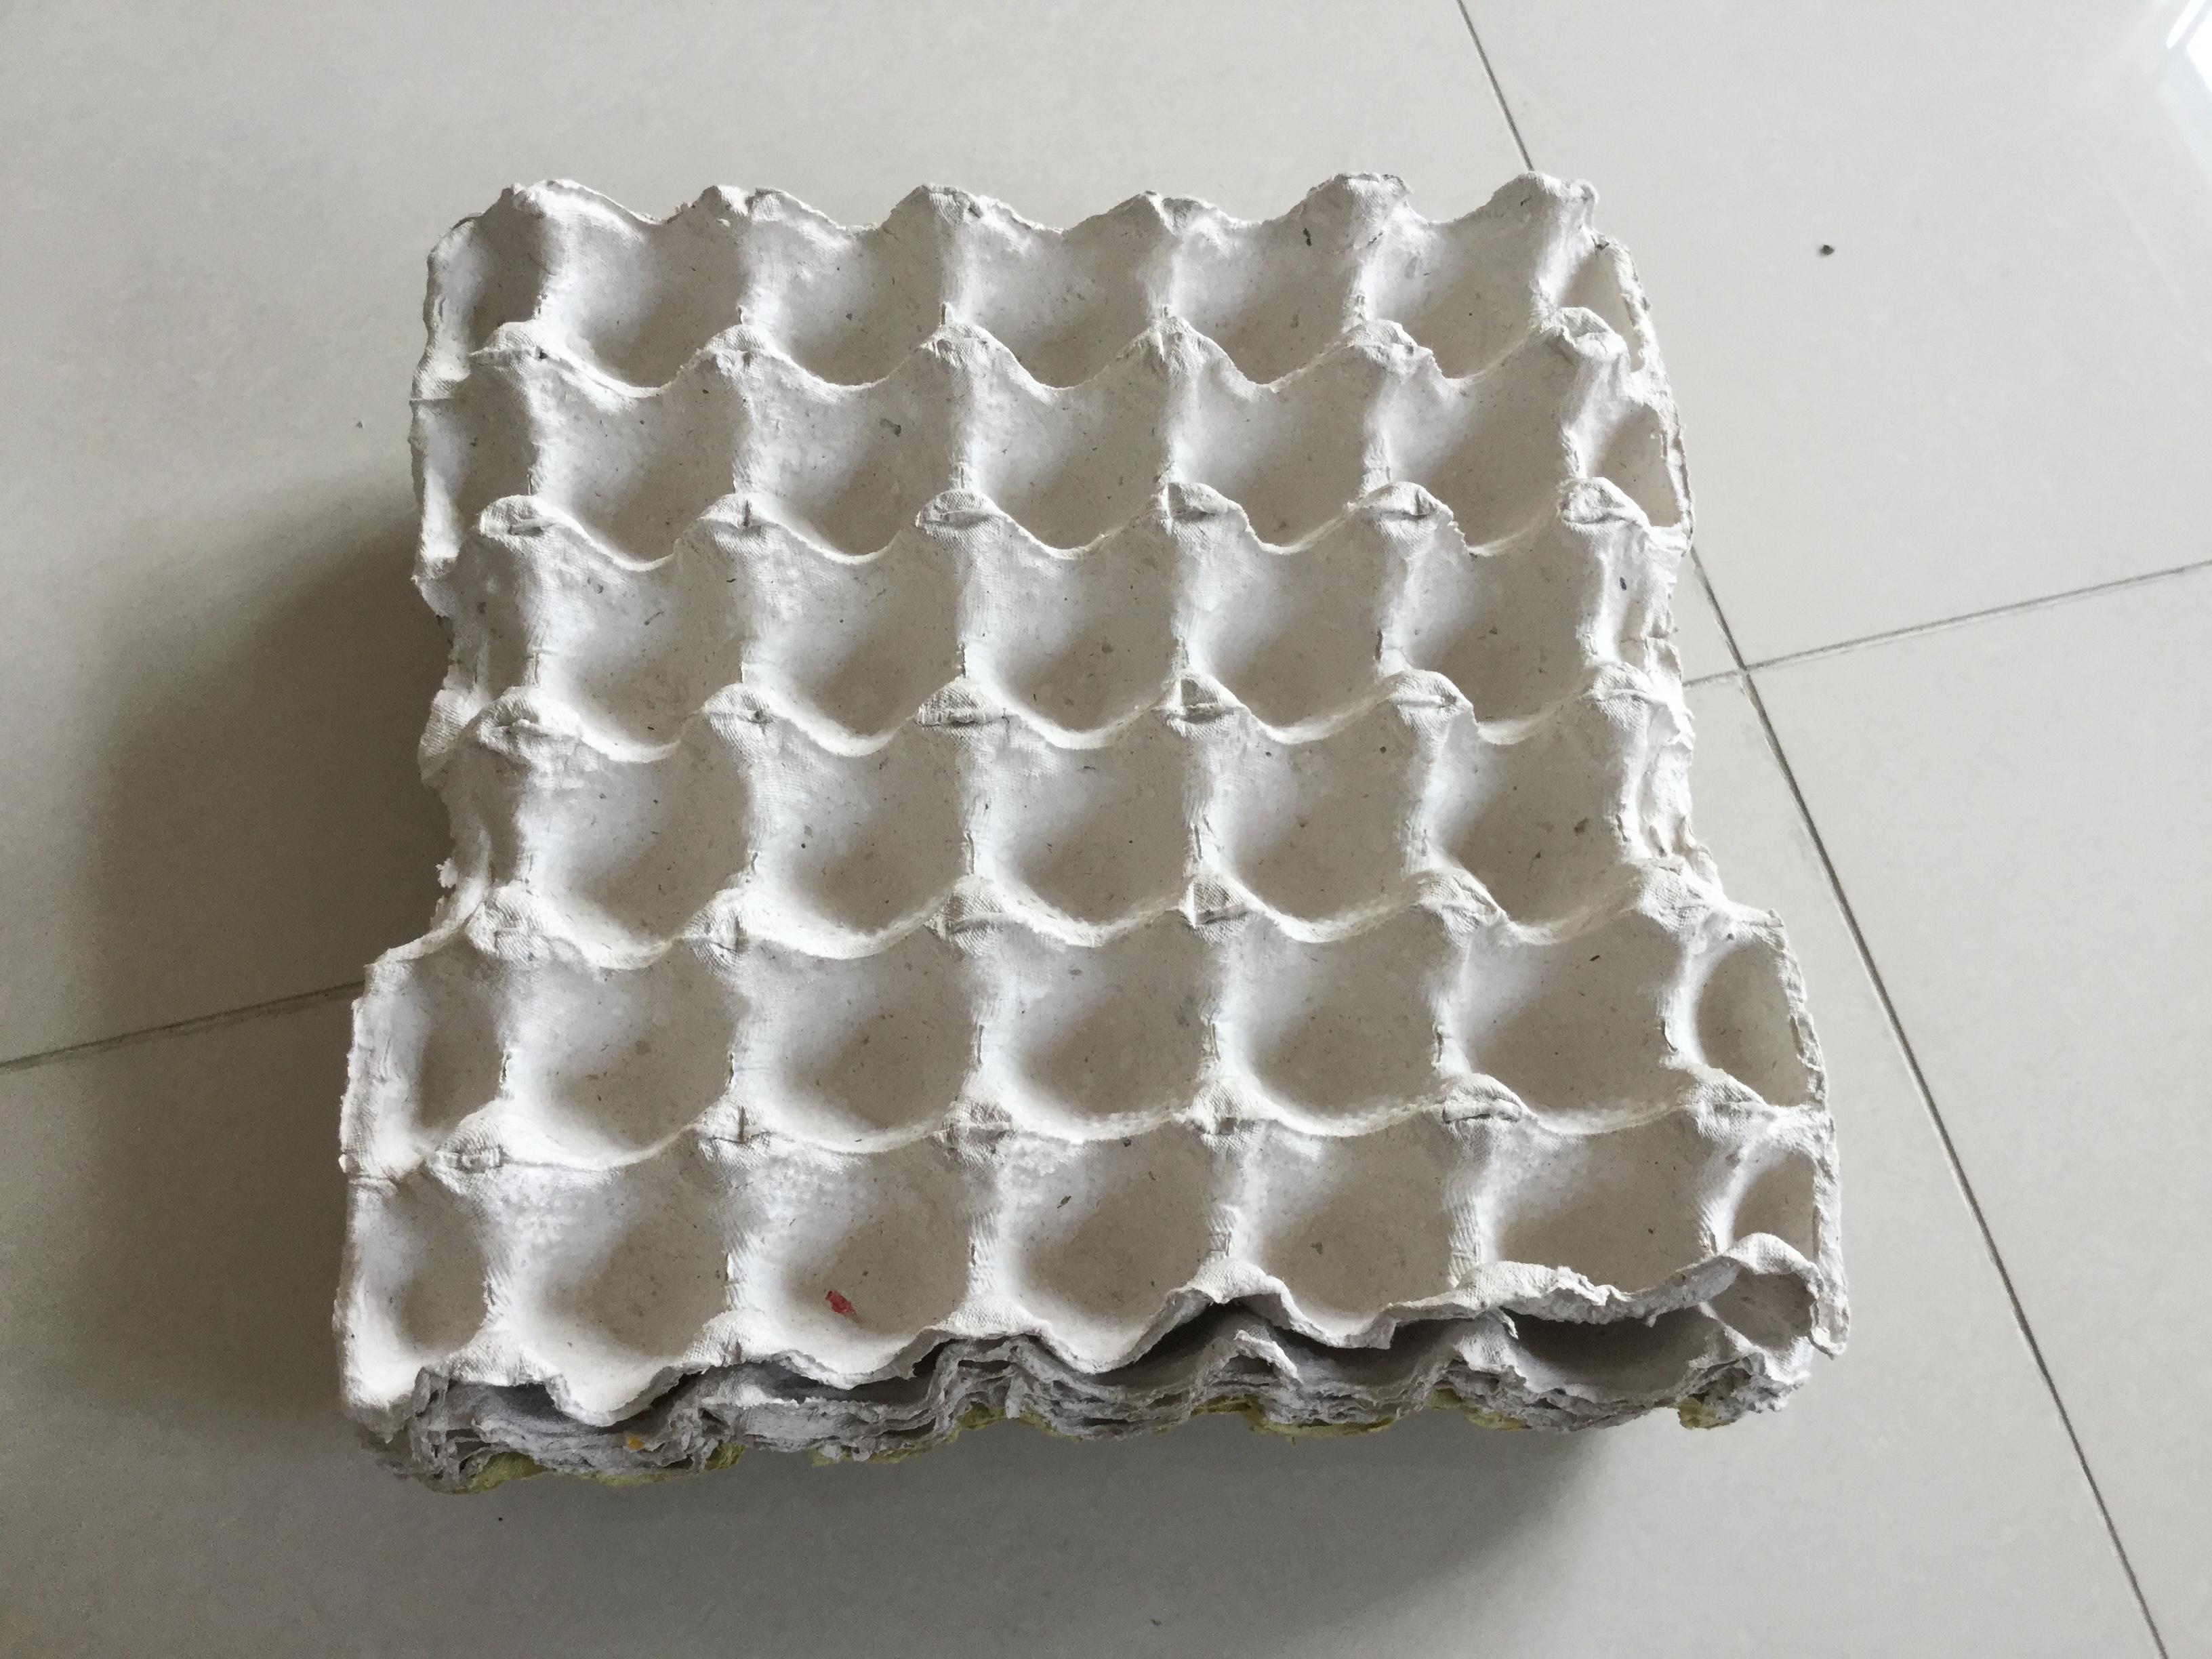 khay giấy trứng 1000đ